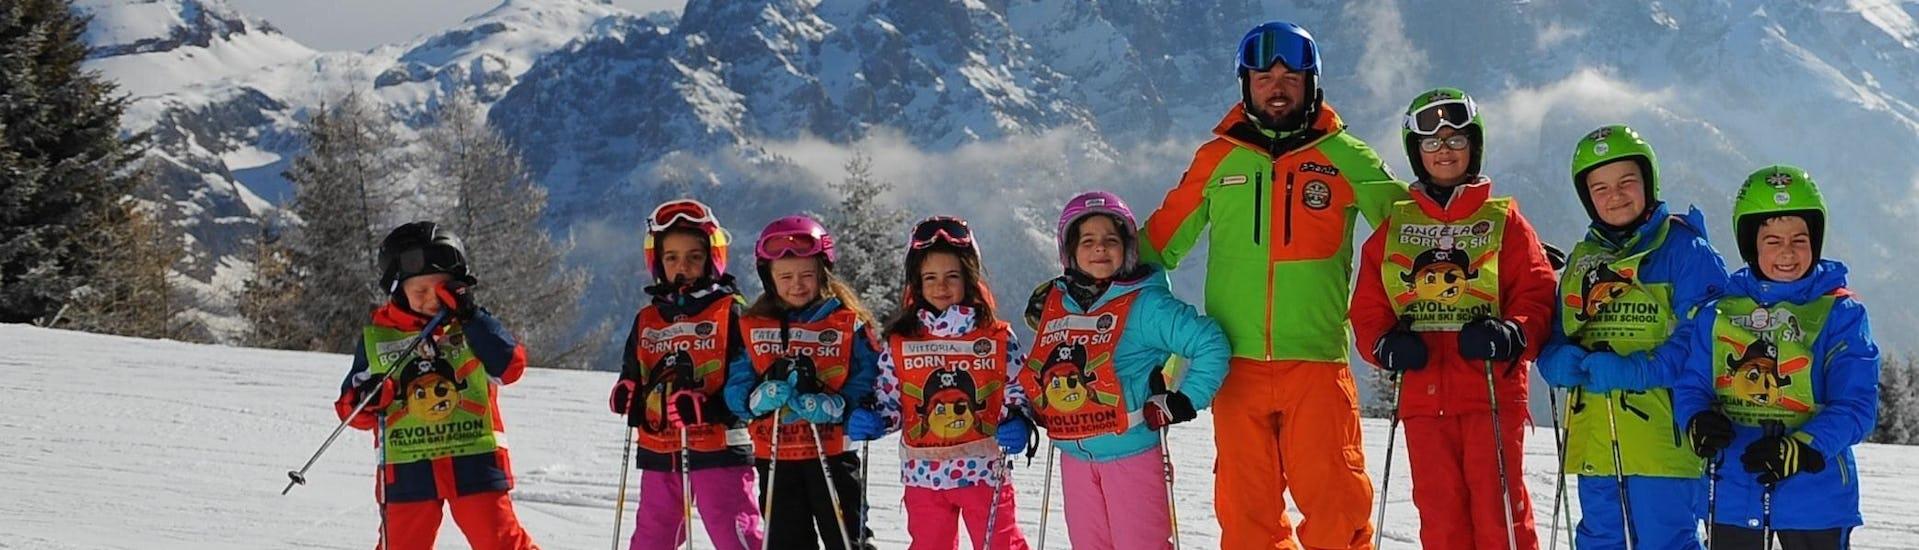 """Kinder Skikurs """"Halbtags"""" (4-13 Jahre) - Weihnachten in der Skischule Scuola di Sci AEvolution Folgarida beginnt bald, Kinder und Skilehrer posieren für ein Foto."""